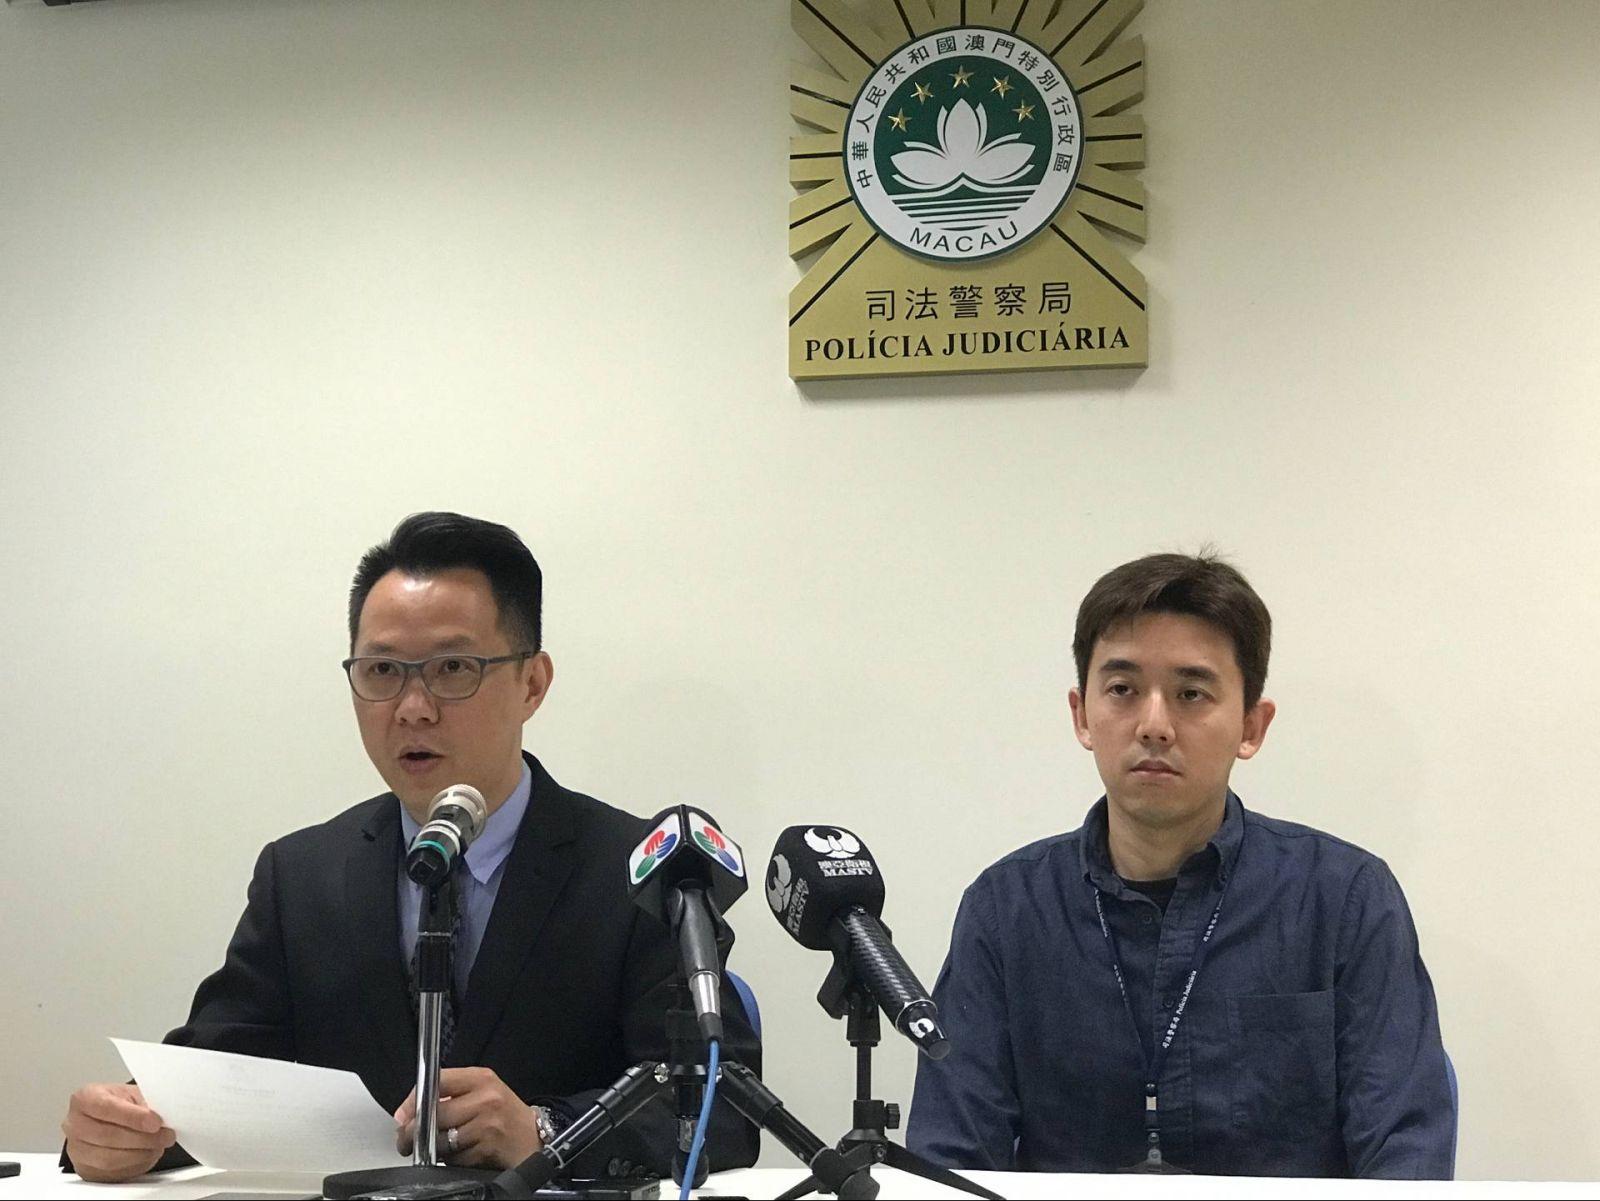 非法入境內地漢涉再盜竊被捕